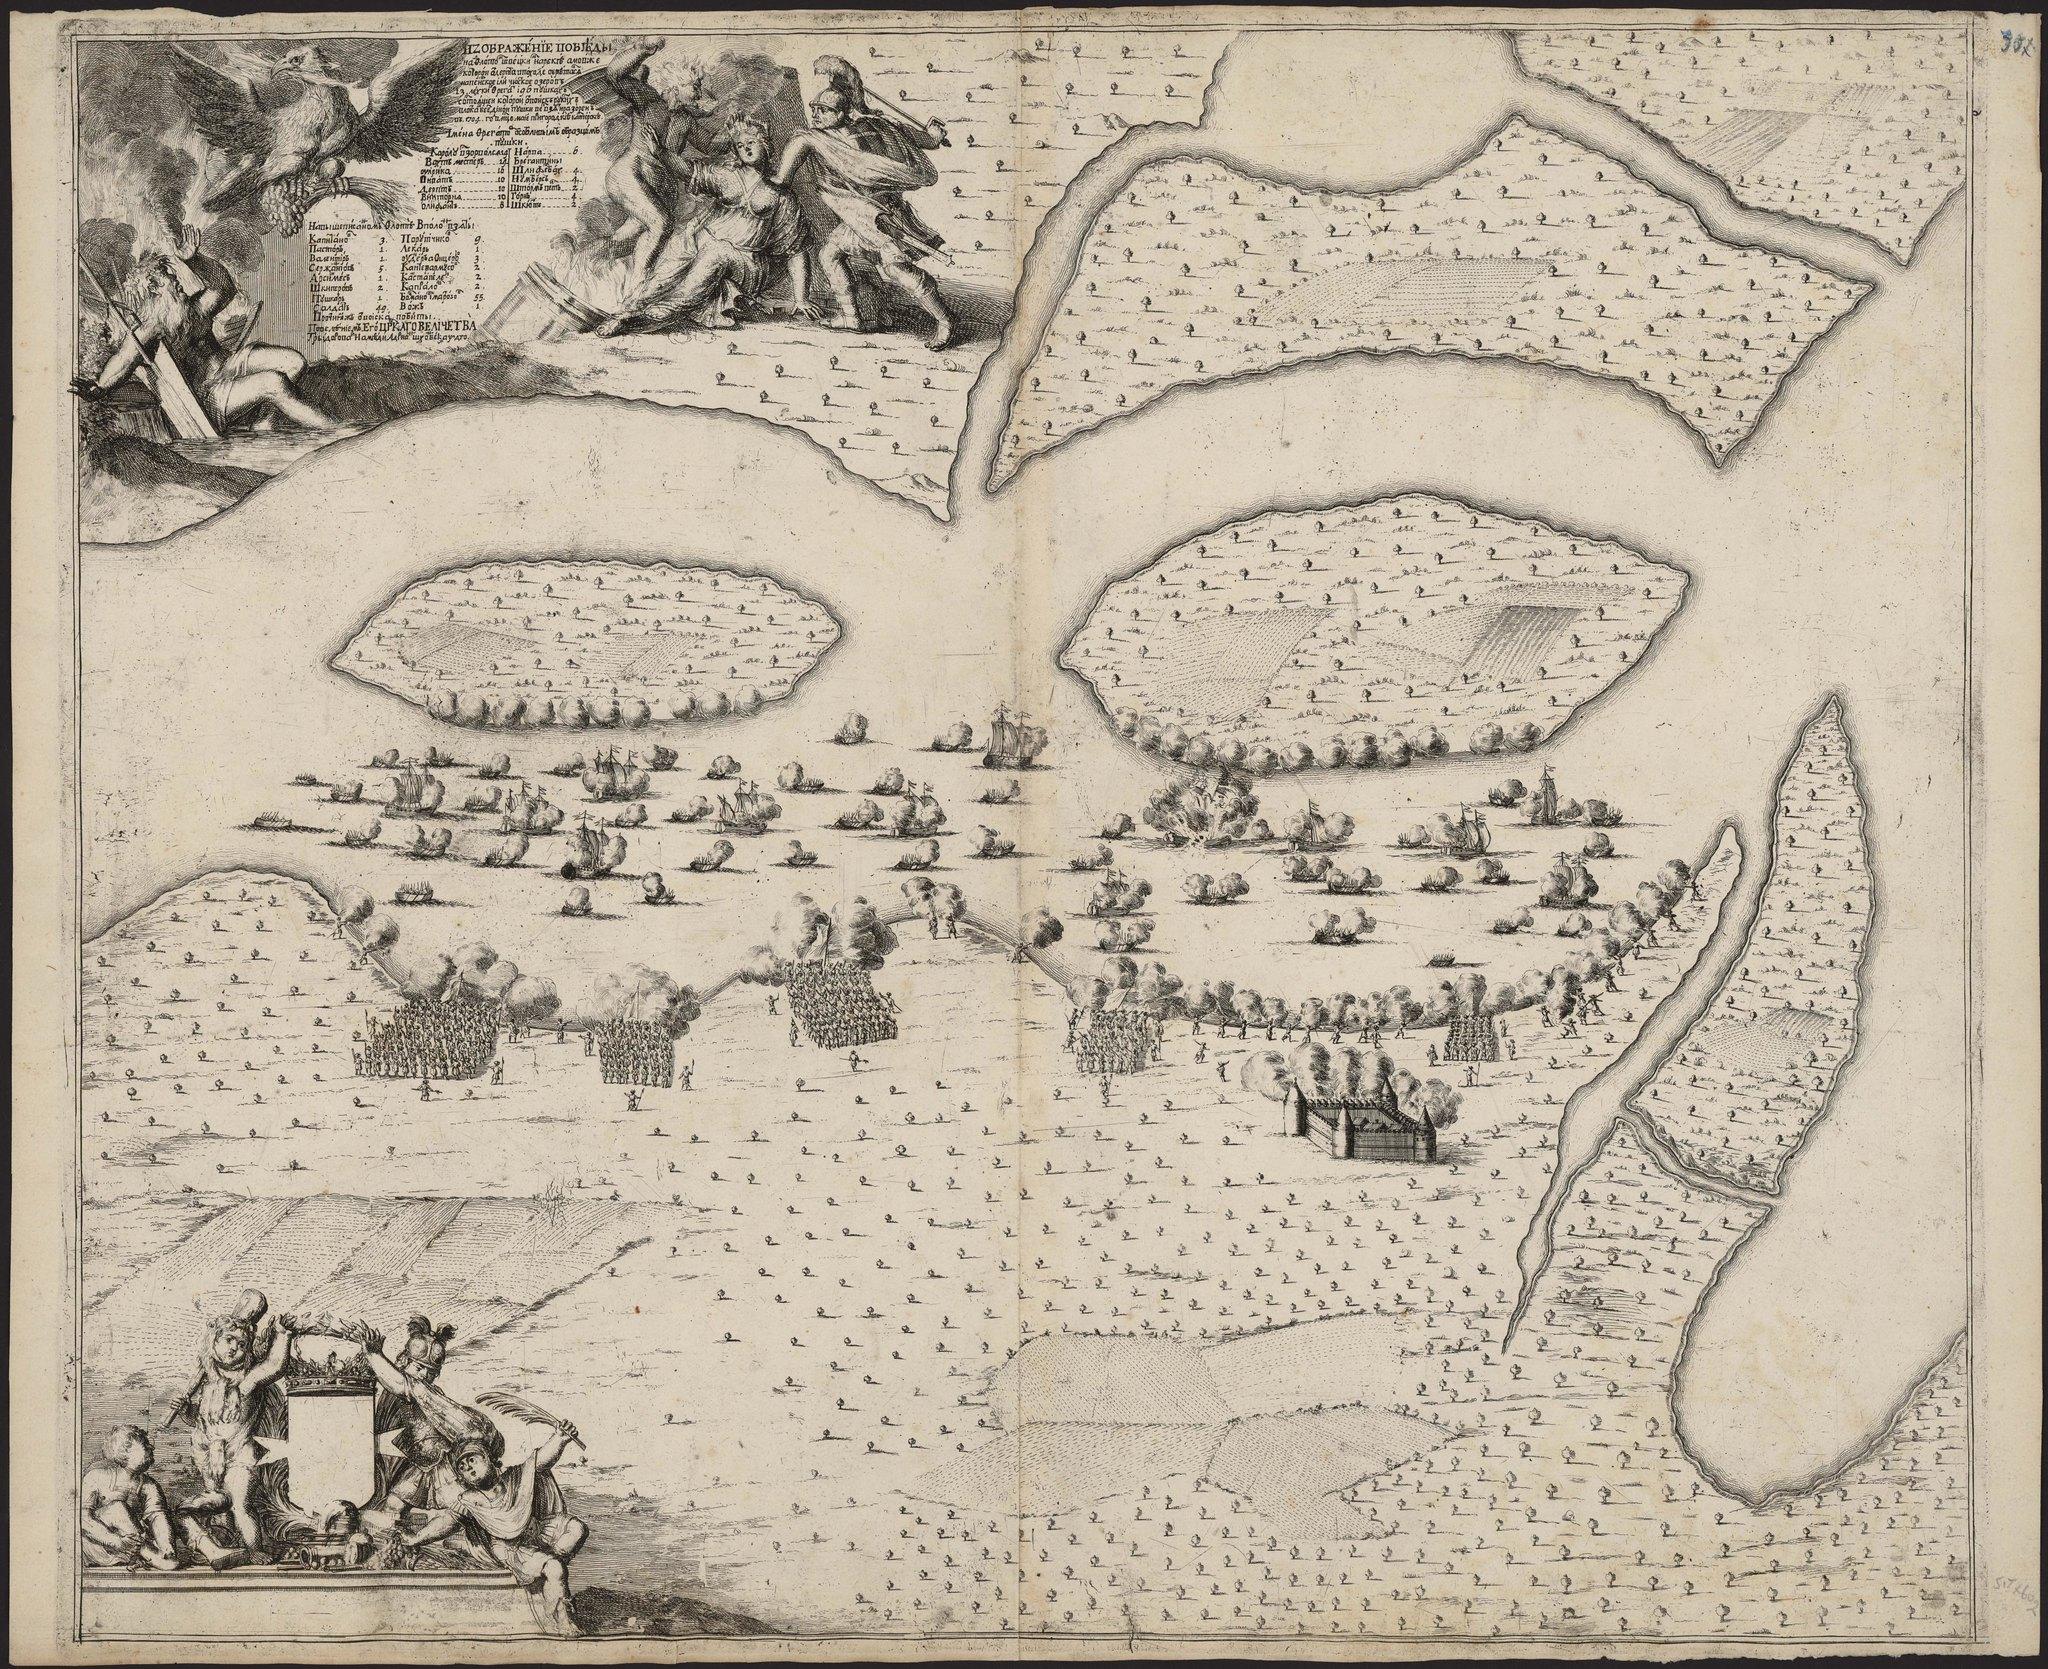 1704. Адриан Шхонебек. Изображение победы над флотом швецким на реке Амовже